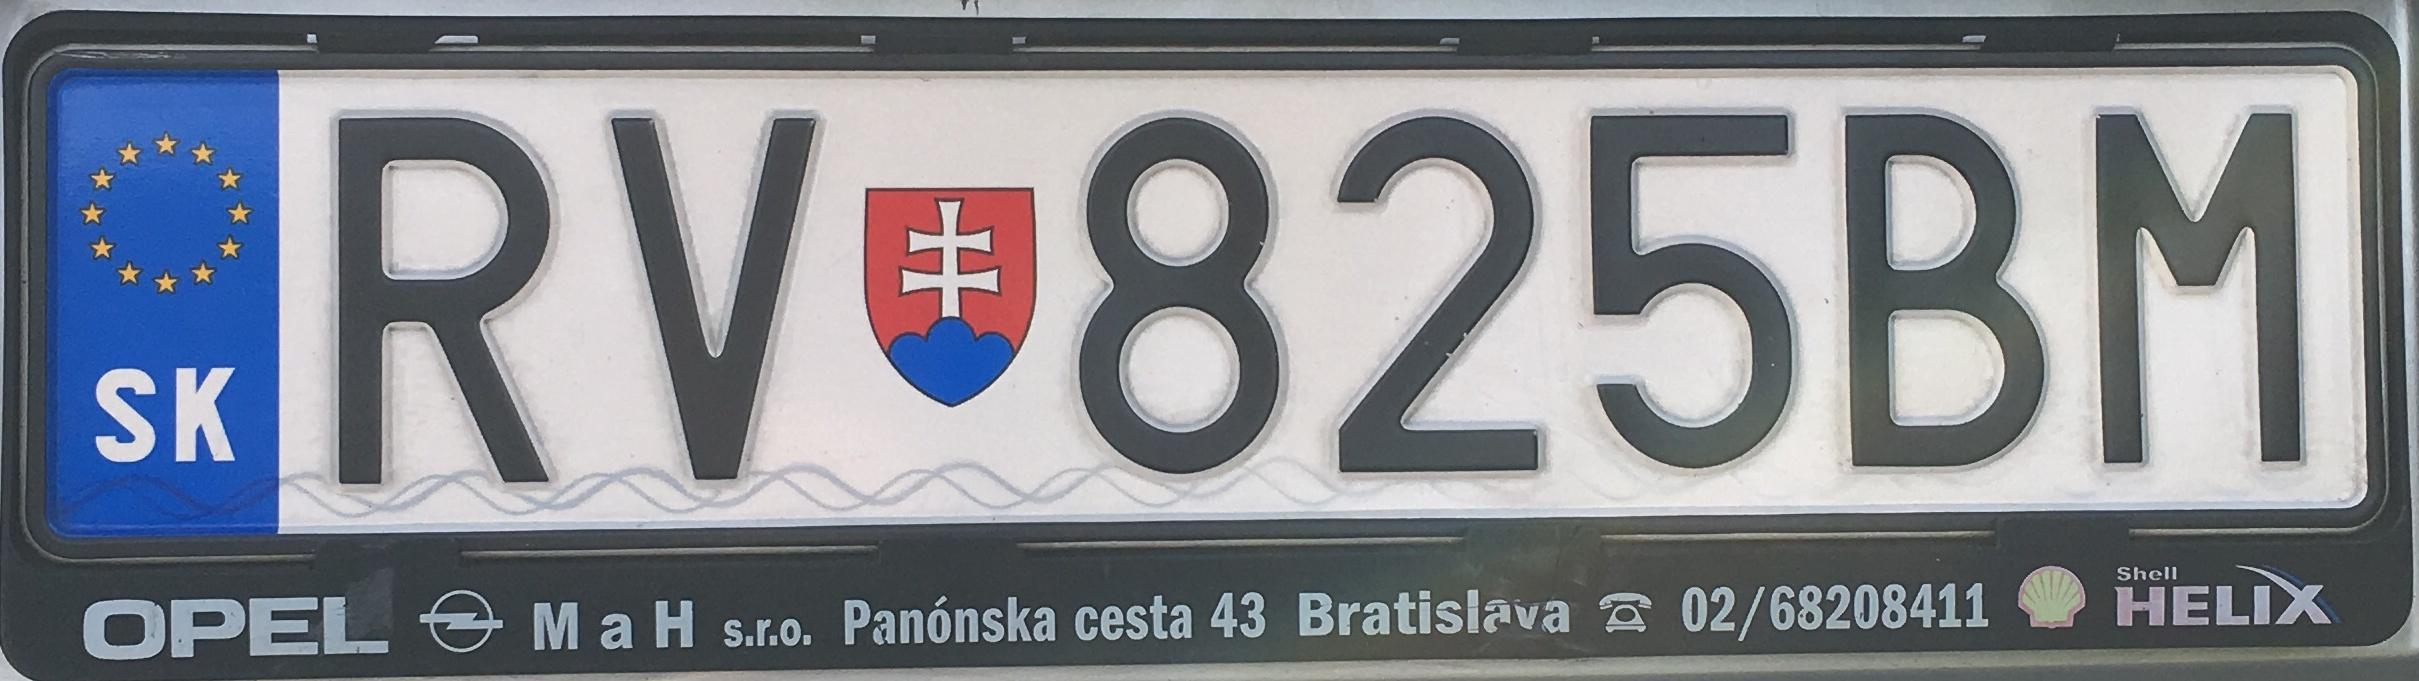 Registrační značka Slovensko - RV - Rožňava, foto: www.podalnici.cz